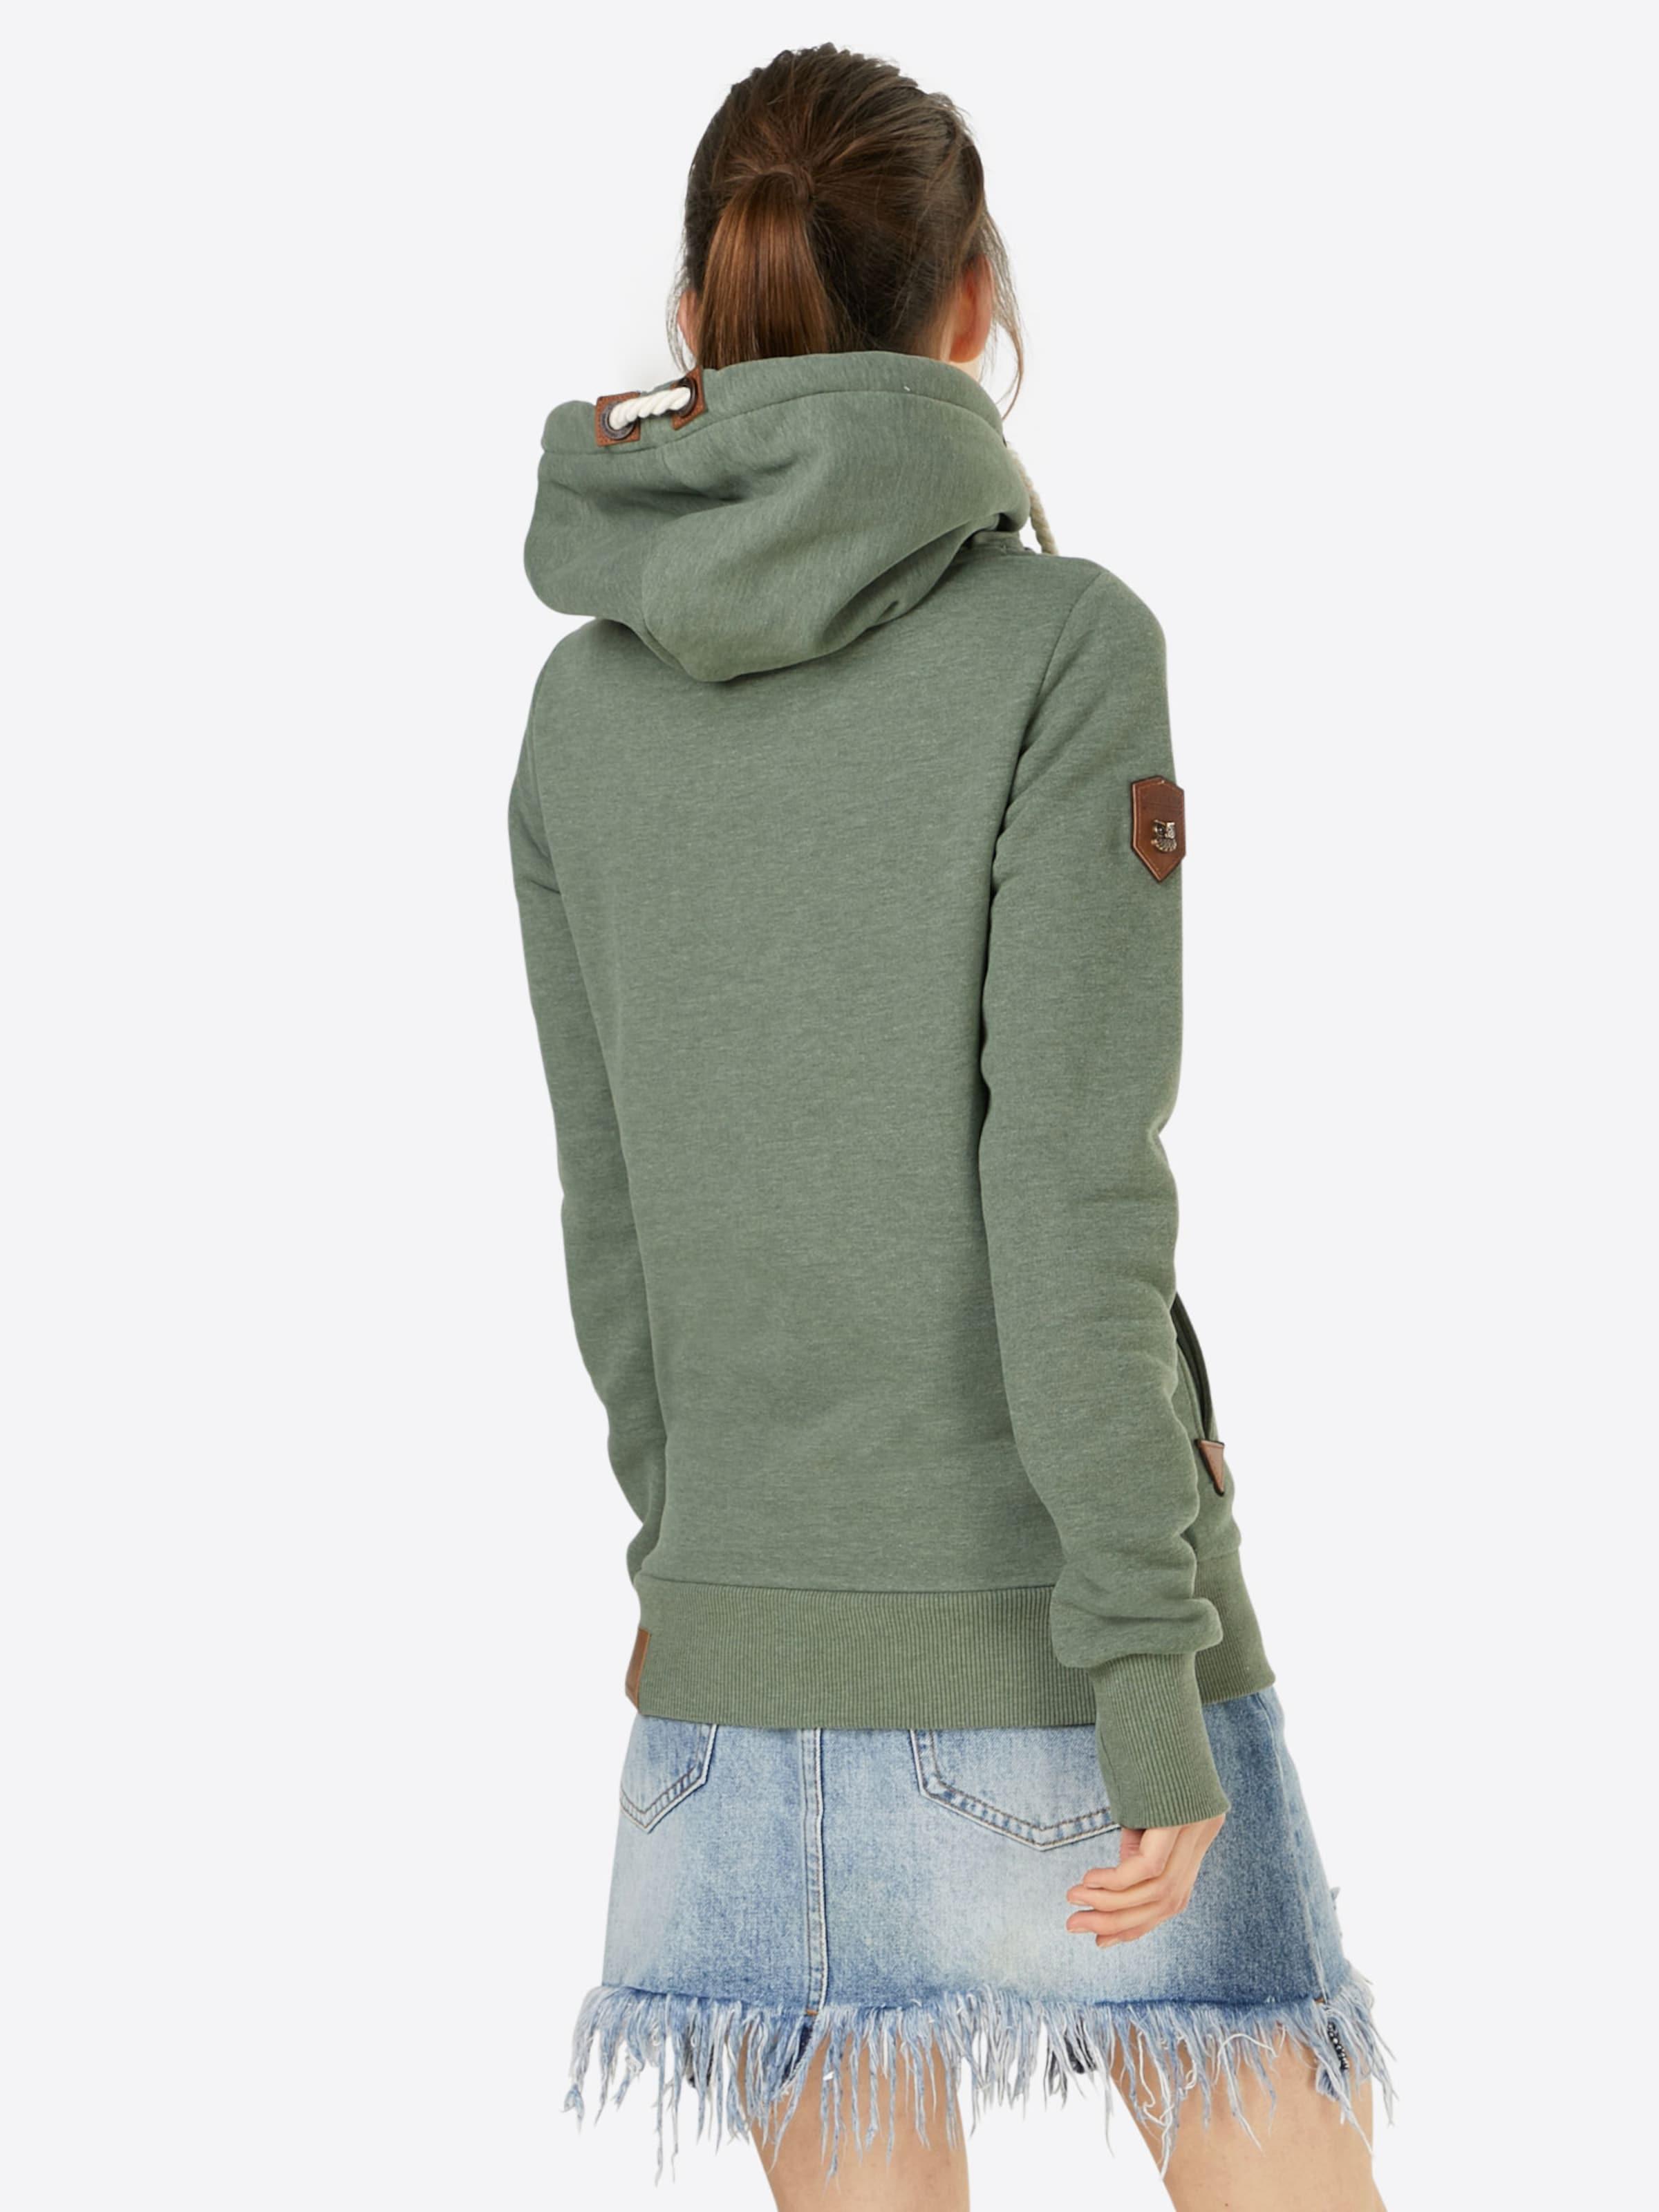 naketano Sweatshirt 65 Darth' Billig Verkauf Breite Palette Von iDkqaC0